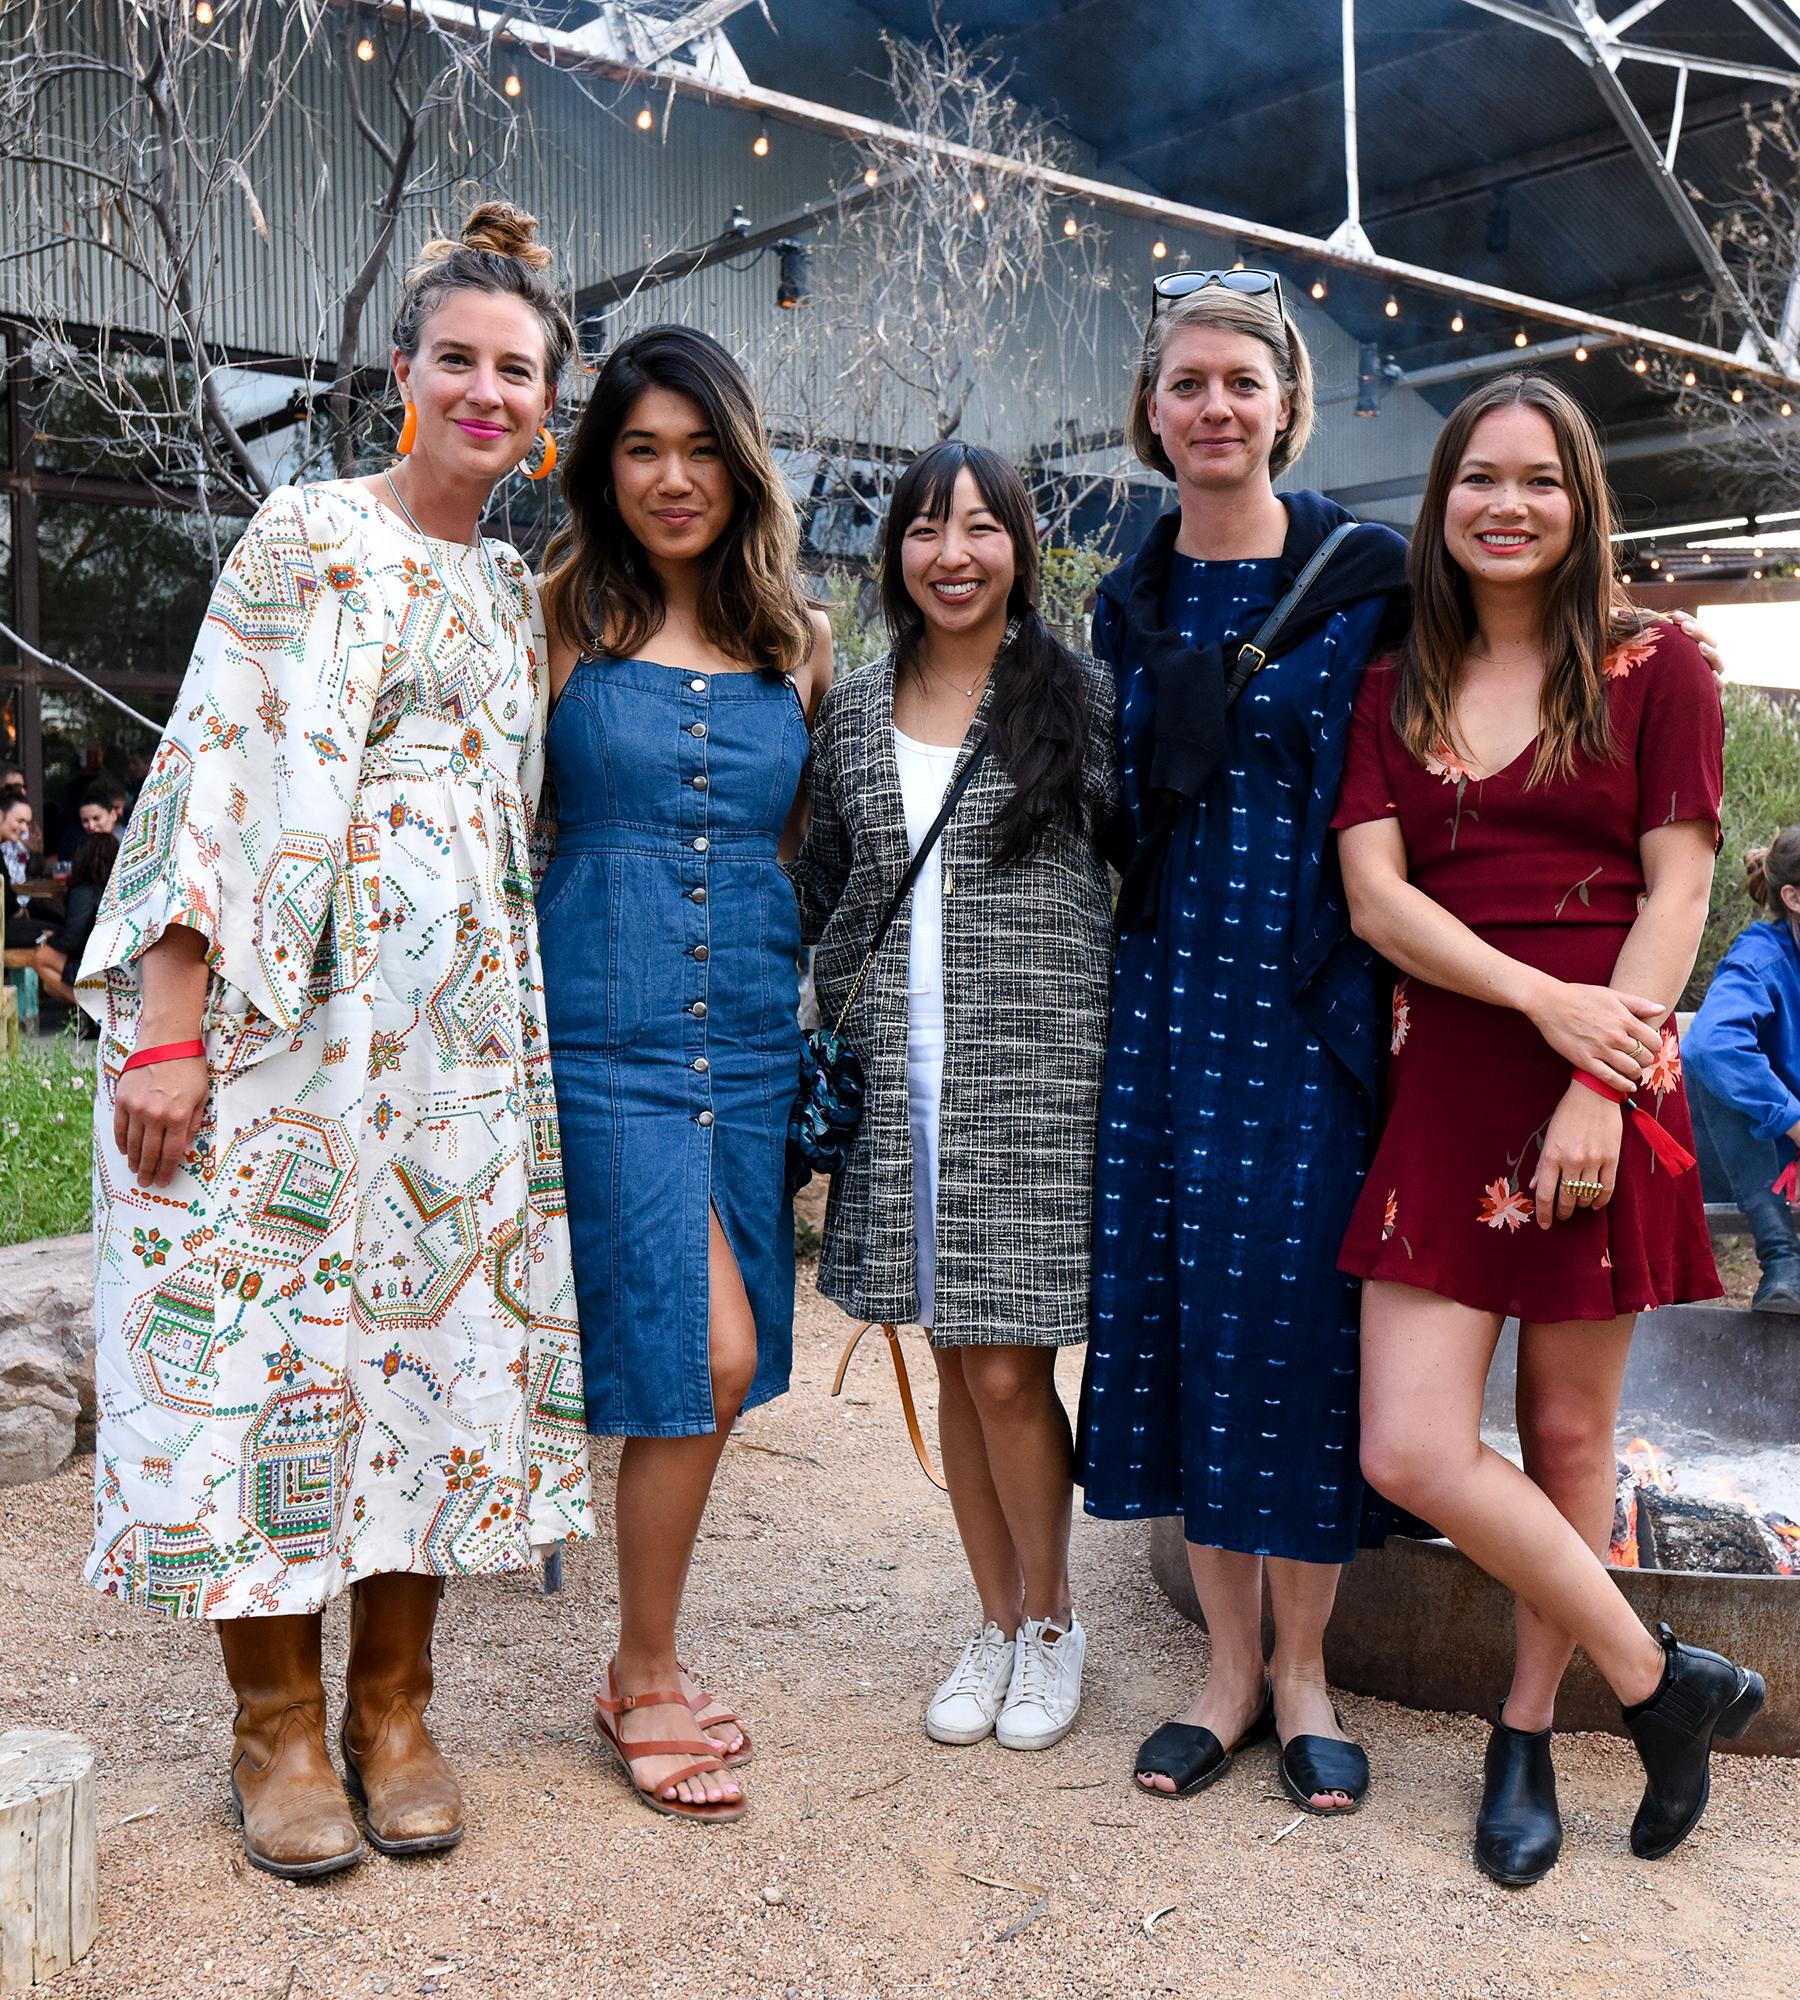 MI COCKTAIL RECEPTION + DINNER   THE CAPRI   MARFA  Elise Pepple, Kristina Lee, Kim Ishikawa, Kristina Fort, Sarah Miller